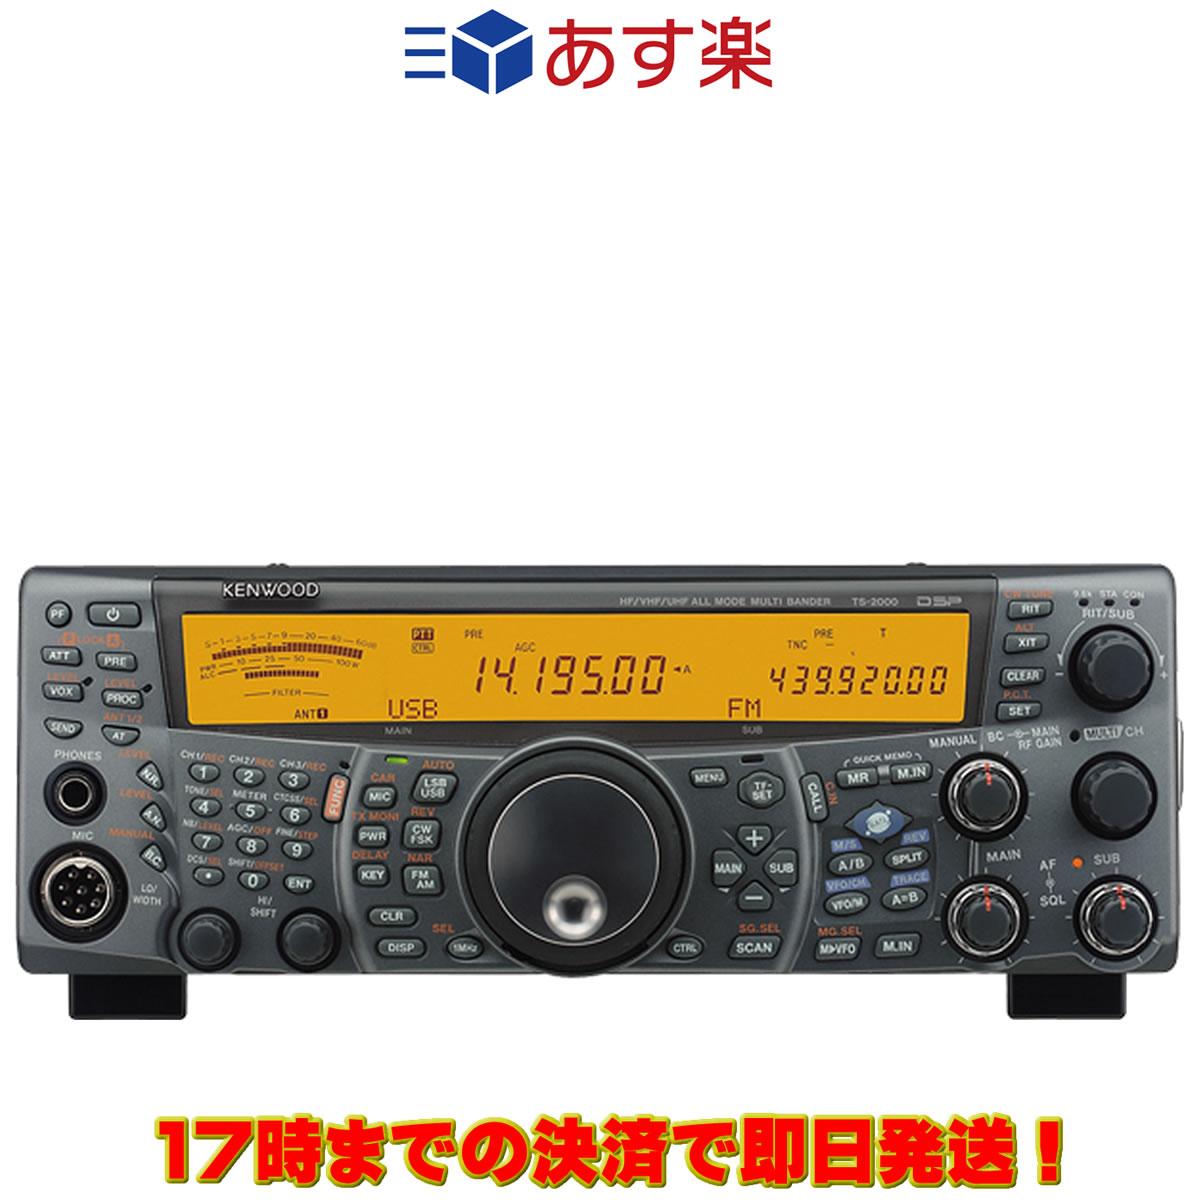 【ラッキーシール対応】 TS-2000SX ケンウッド HF/50/144/430/1200MHz帯オールモードトランシーバー 100W